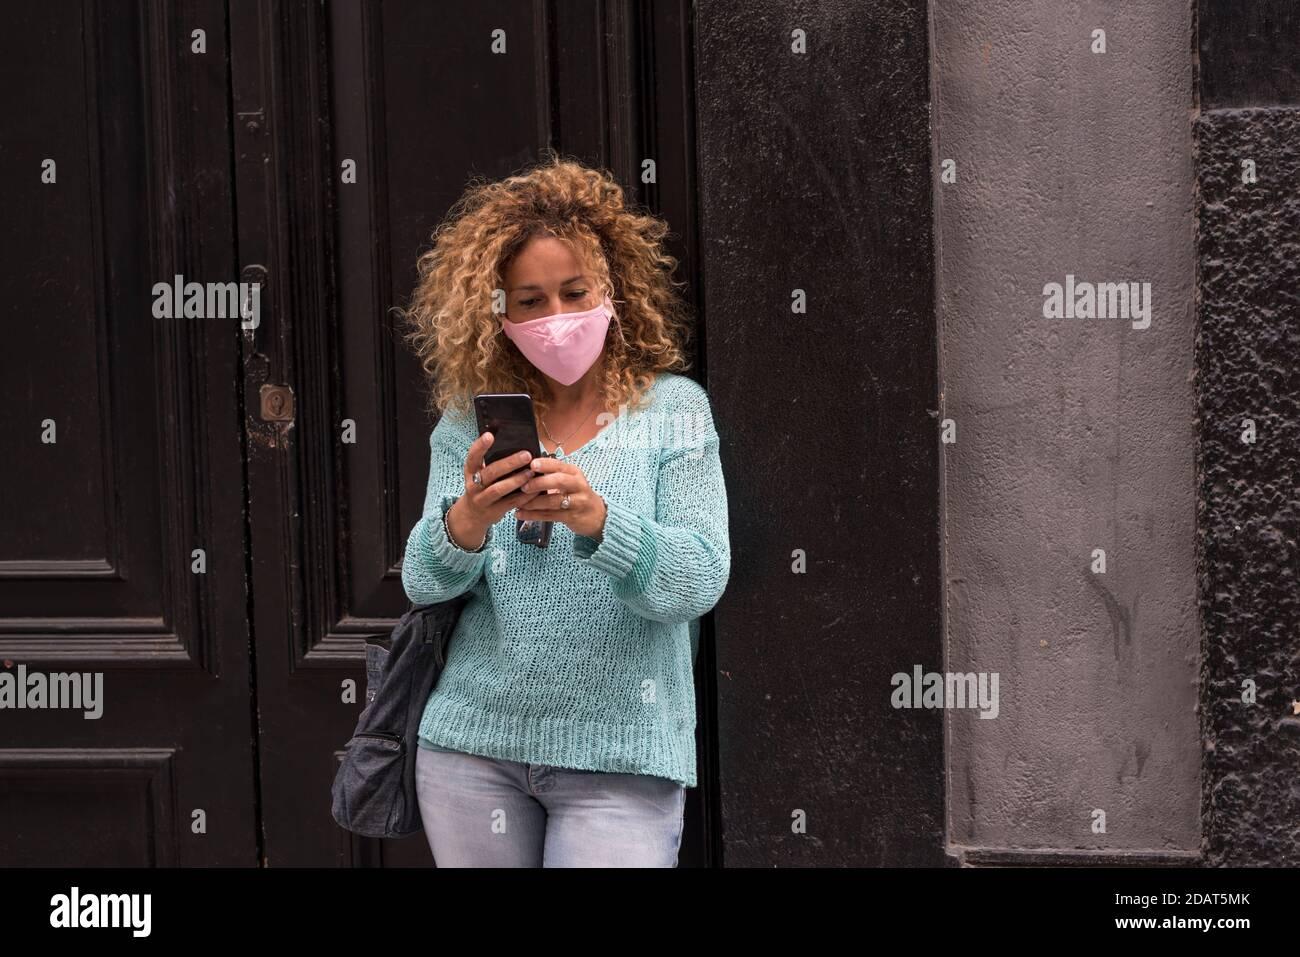 Erwachsene Frau tragen Schutzmaske gegen covid-19 Coronavirus Virus Notfall - Schützen Sie sich Menschen mit Anti-Virus-Zubehör - weiblich In der Stadt Stockfoto